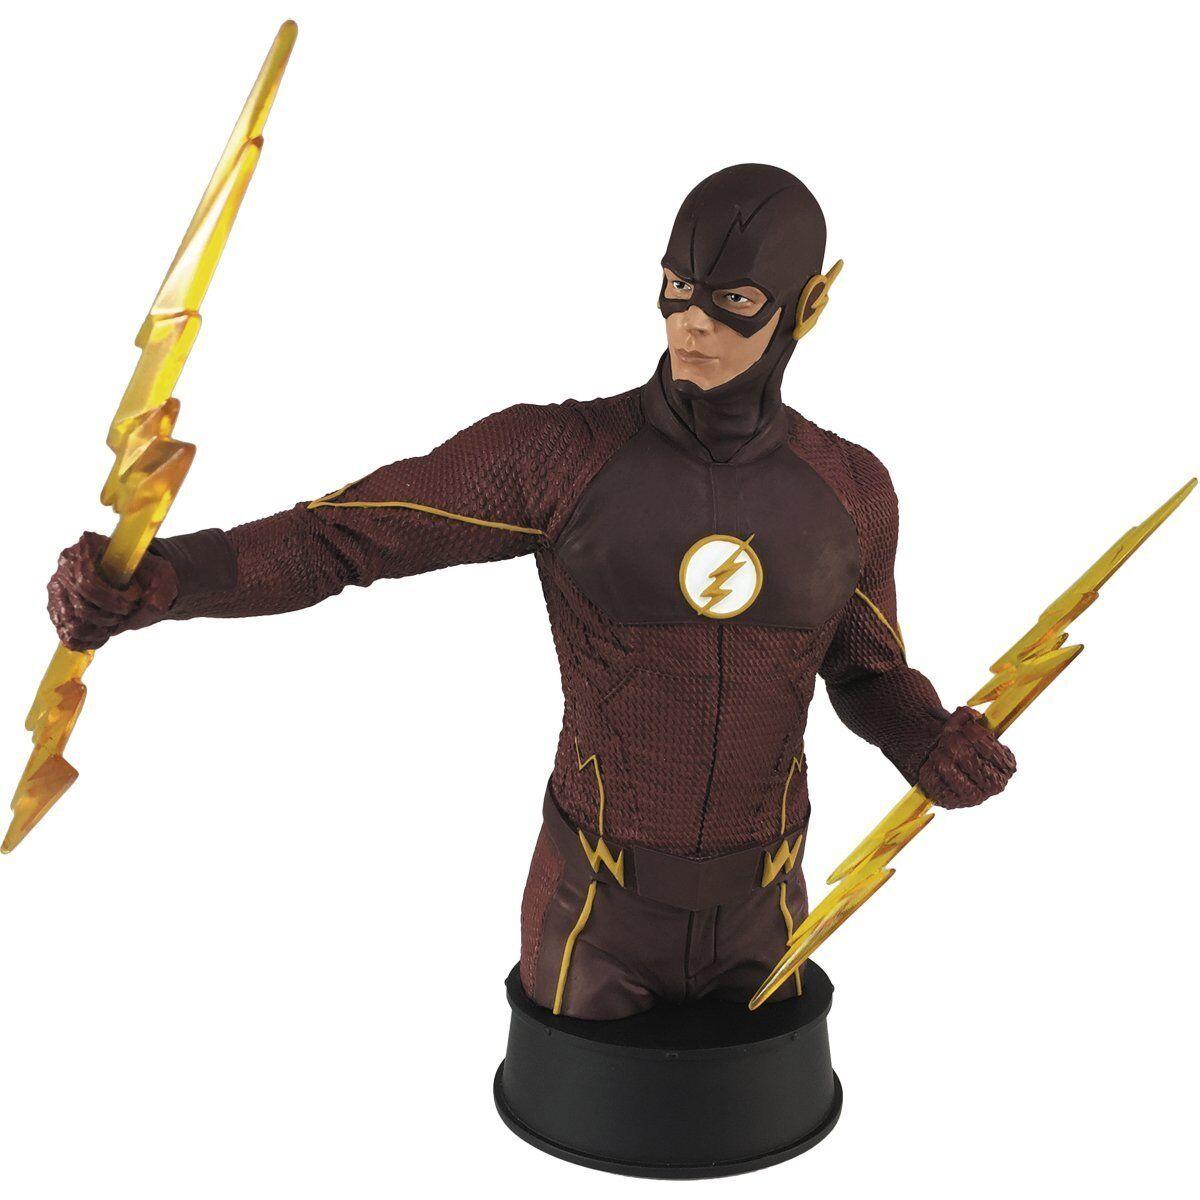 Dc Flash Flash de TV Busto vistas previas exclusivo Icono Heroes